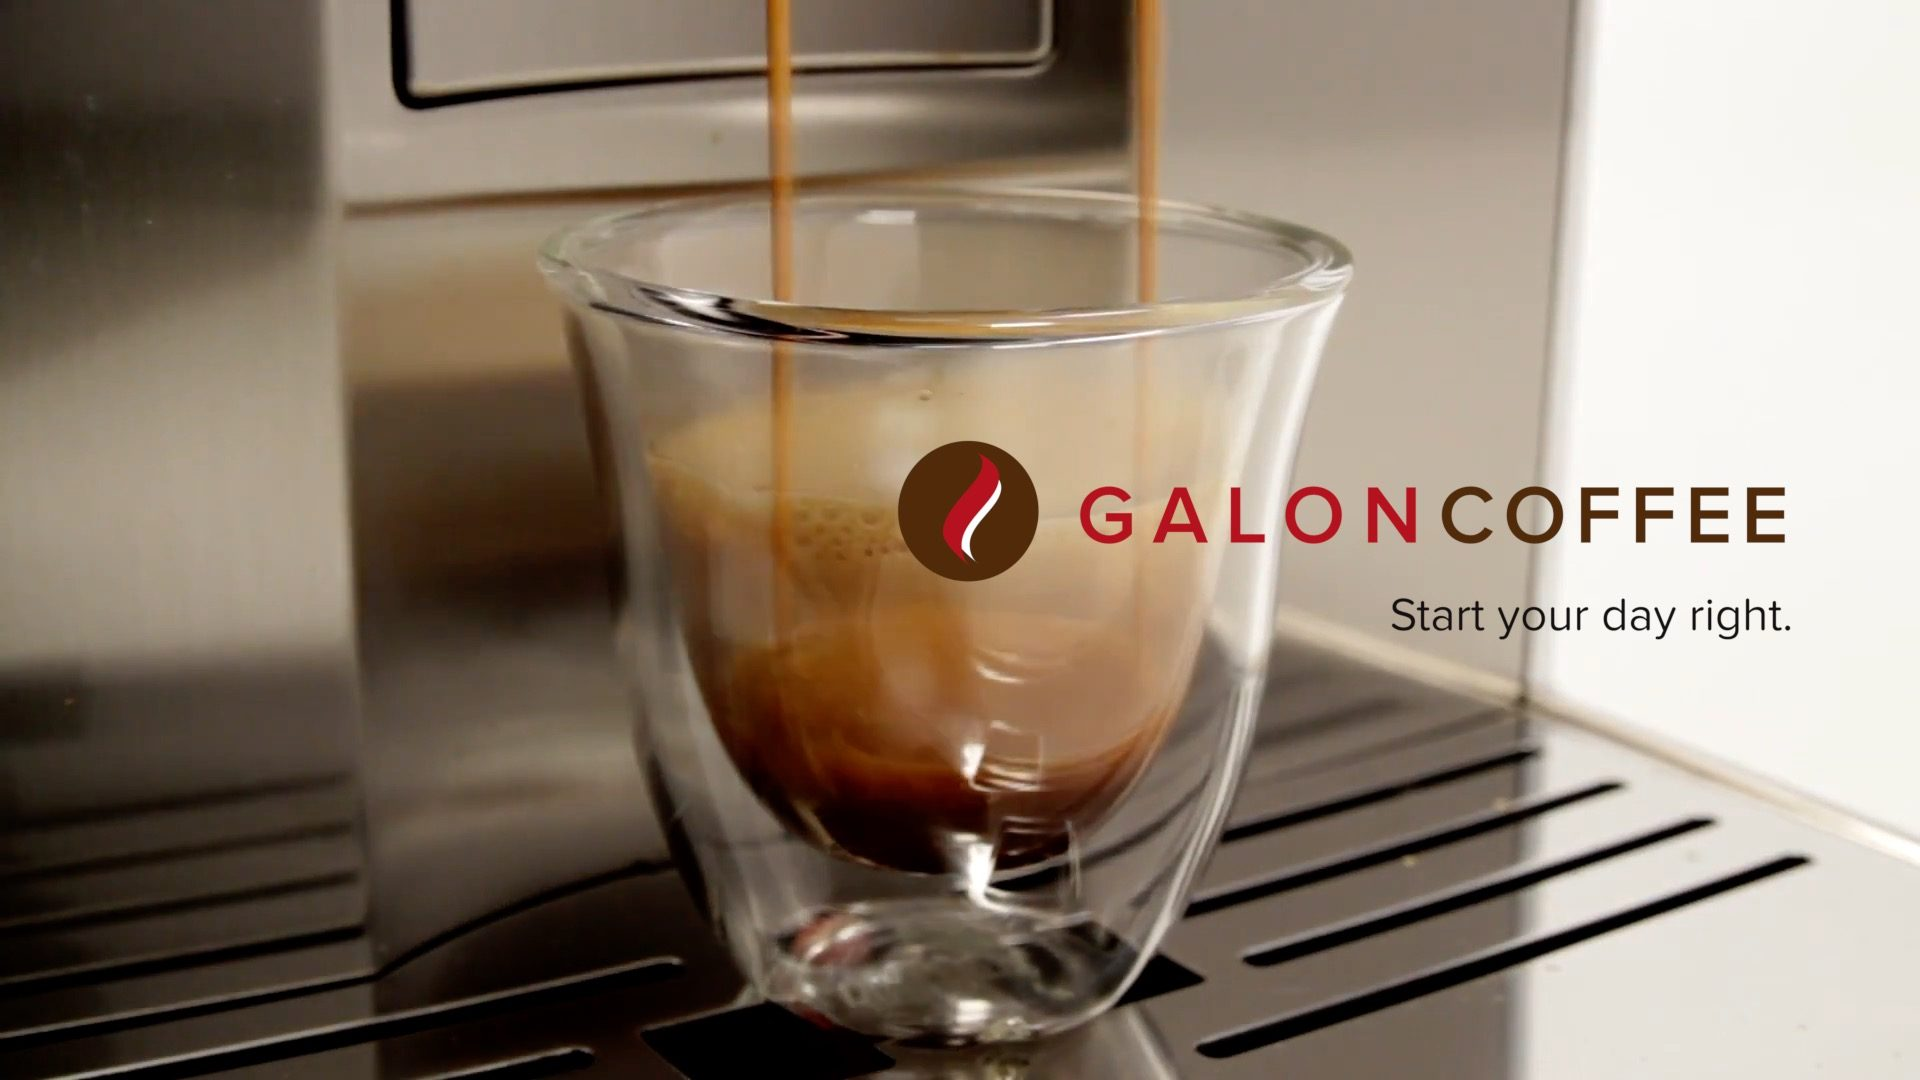 Galon Coffee Gaggia Singapore